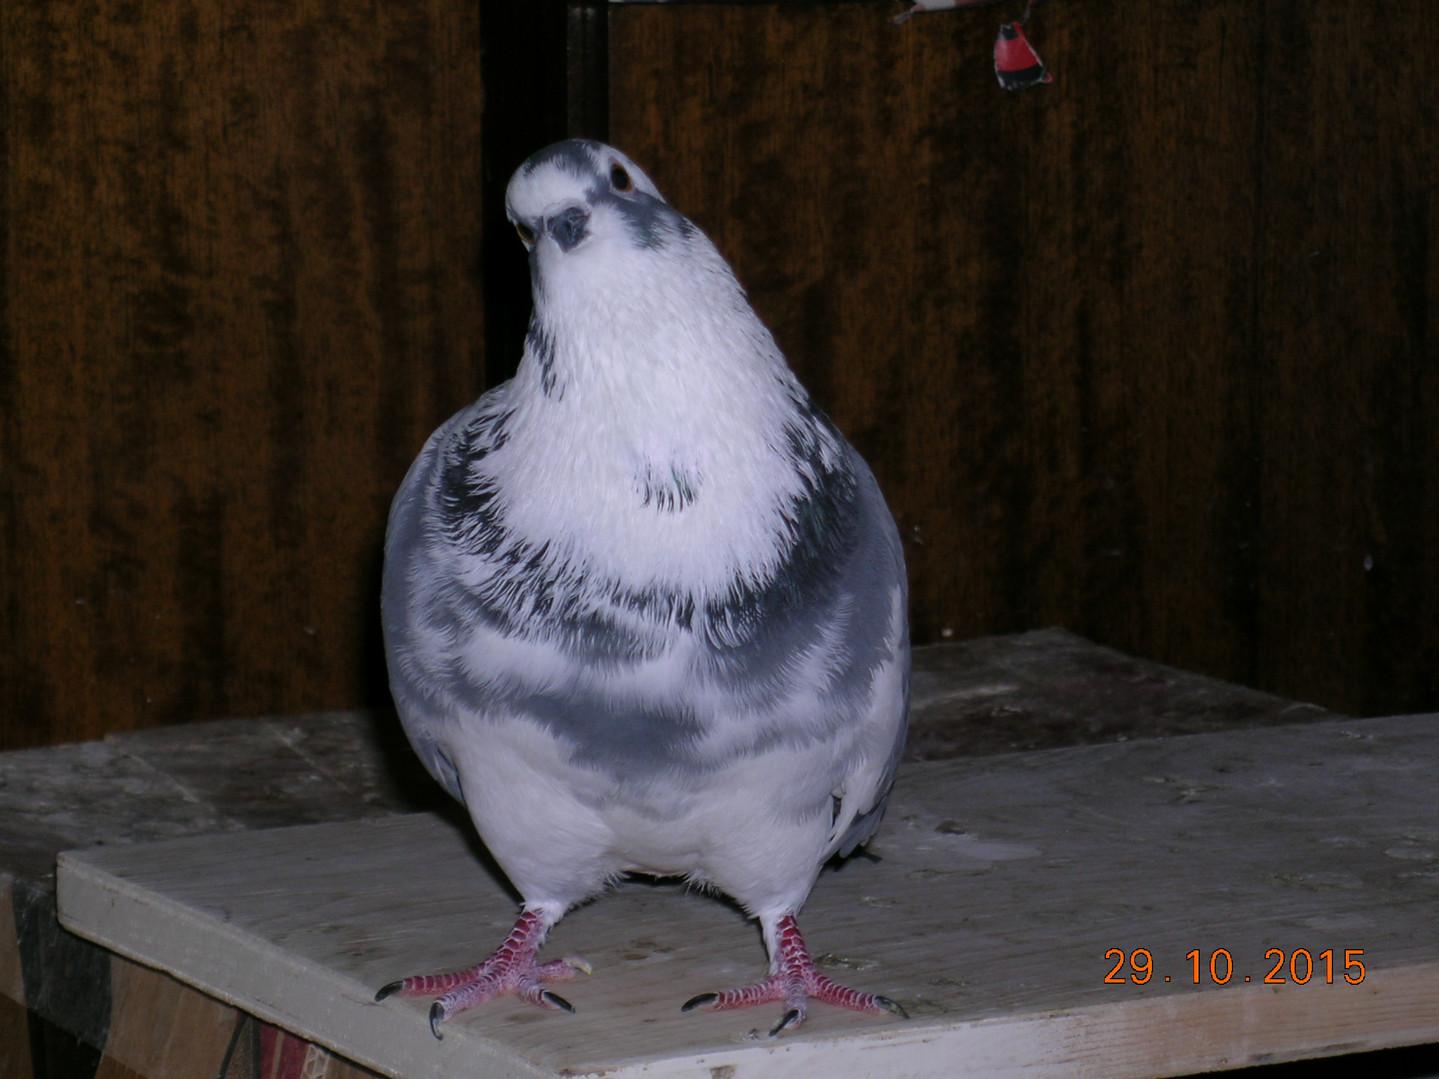 Портрет нашего любимчика уличного бело-серого голубя по кличке Белый Малыш